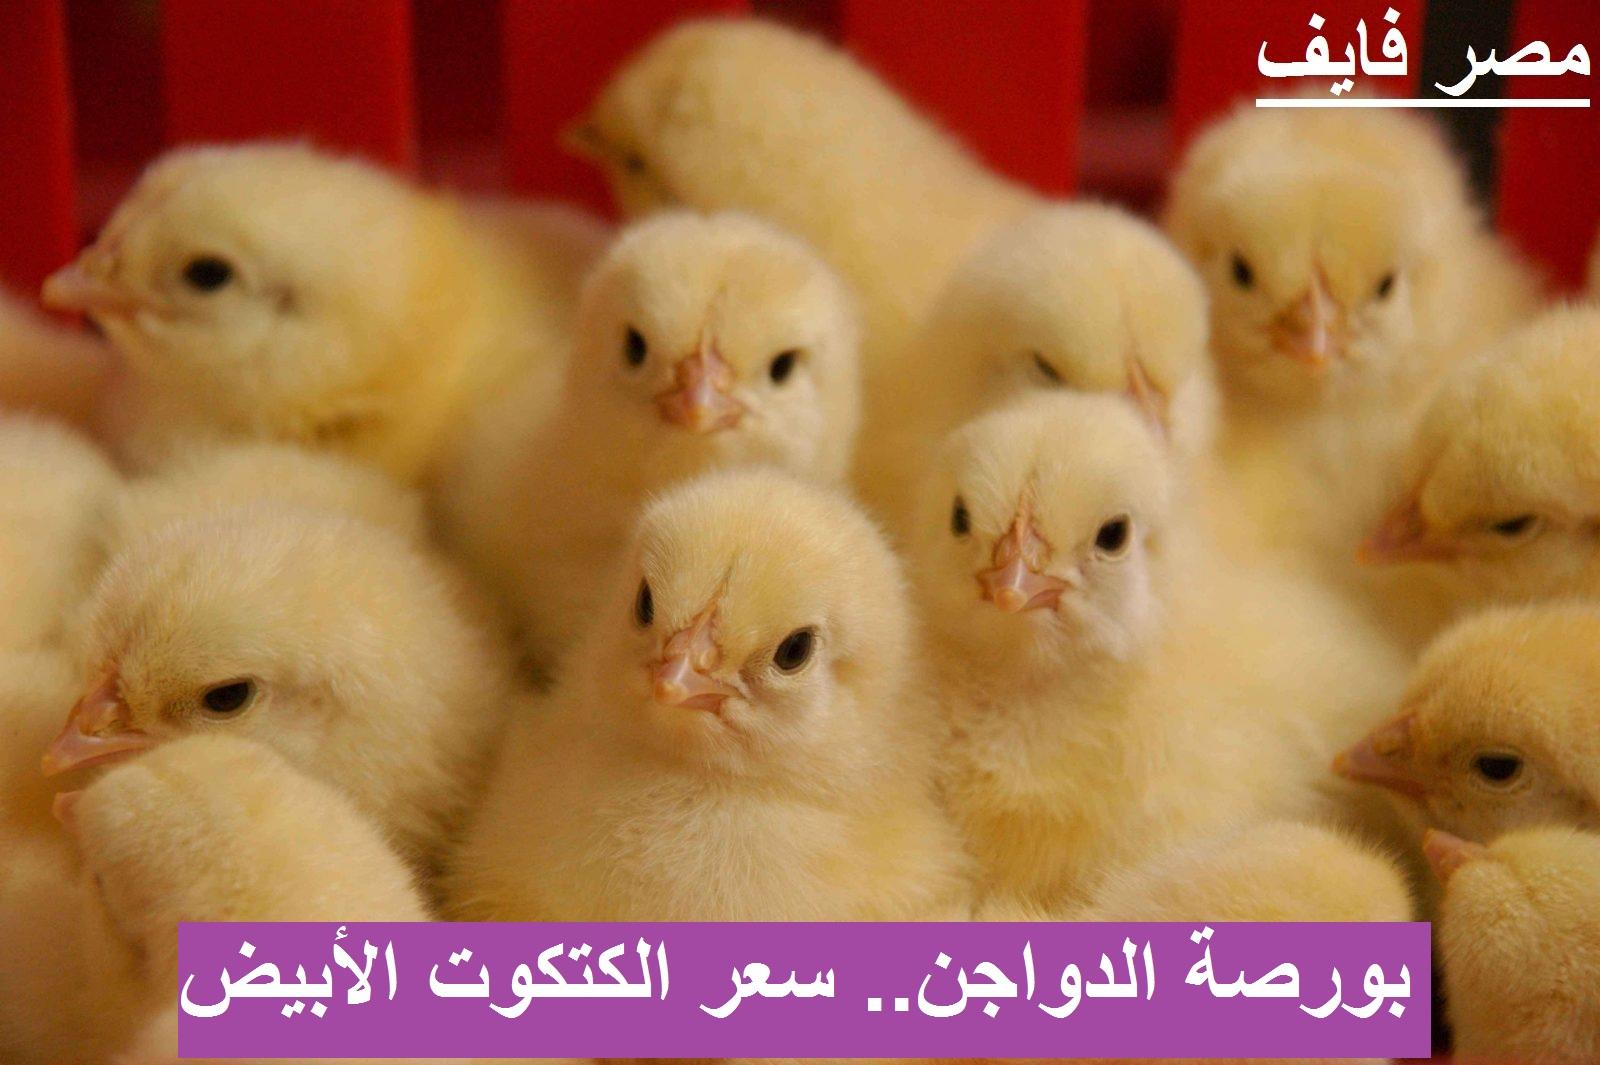 سعر الكتكوت الأبيض اليوم الجمعة 12 مارس 2021 بعد تراجع أسعار الفراخ اليوم